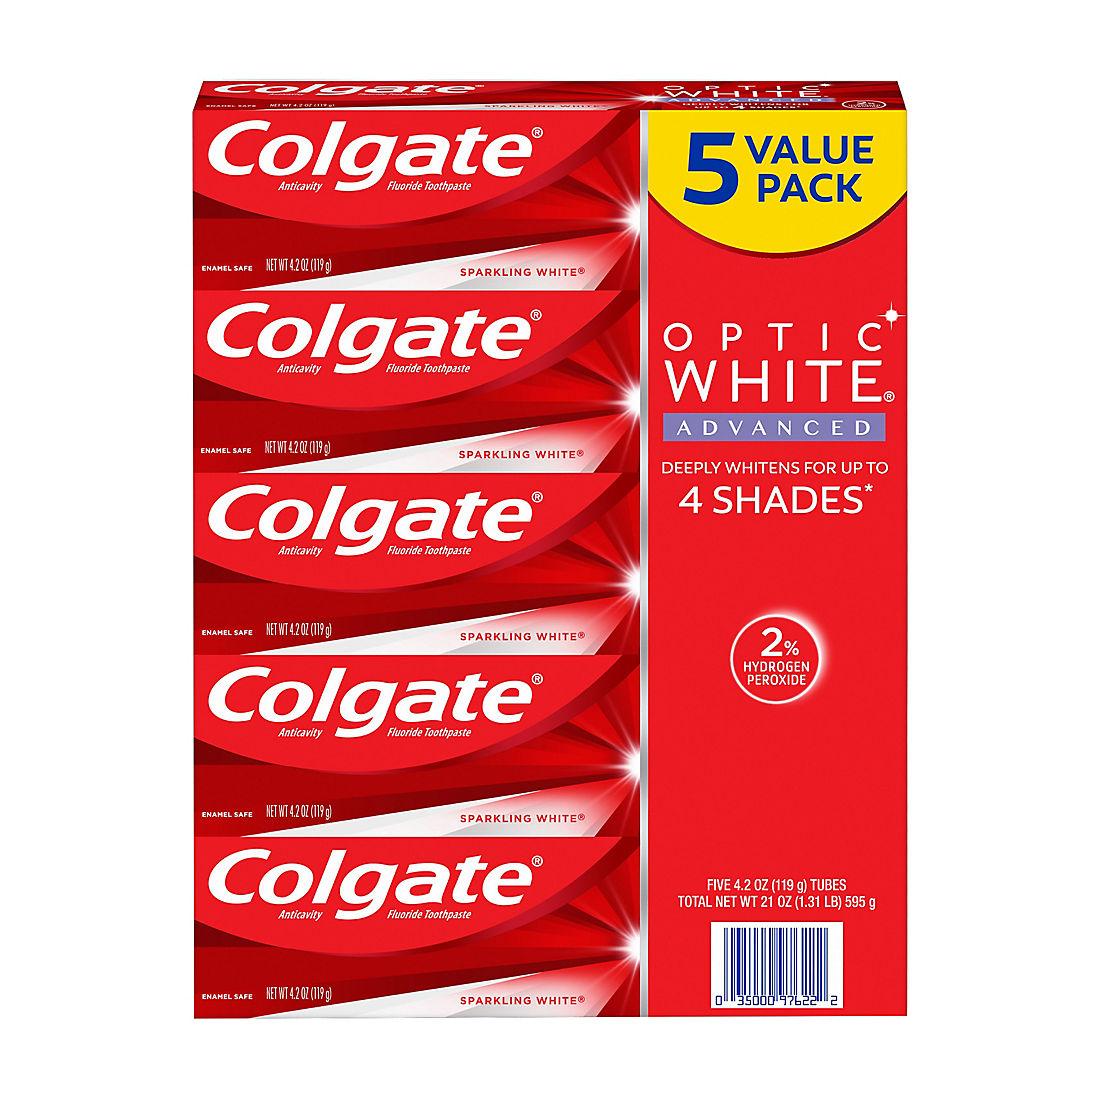 Colgate Optic White Advanced Teeth Whitening Toothpaste 5 Pk